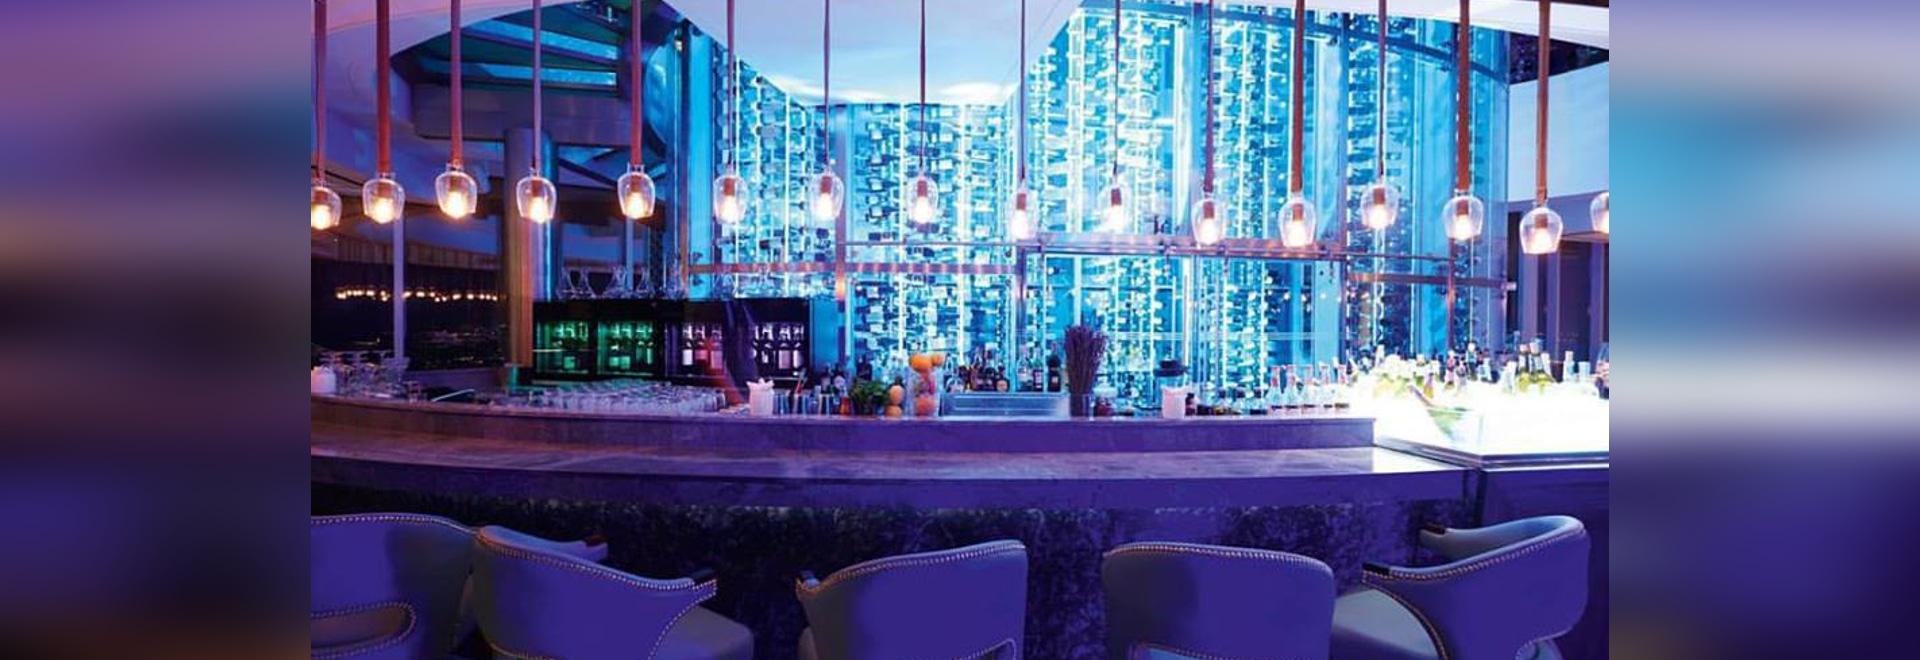 EuroCave fornisce il ristorante unico Uno Mas del tetto